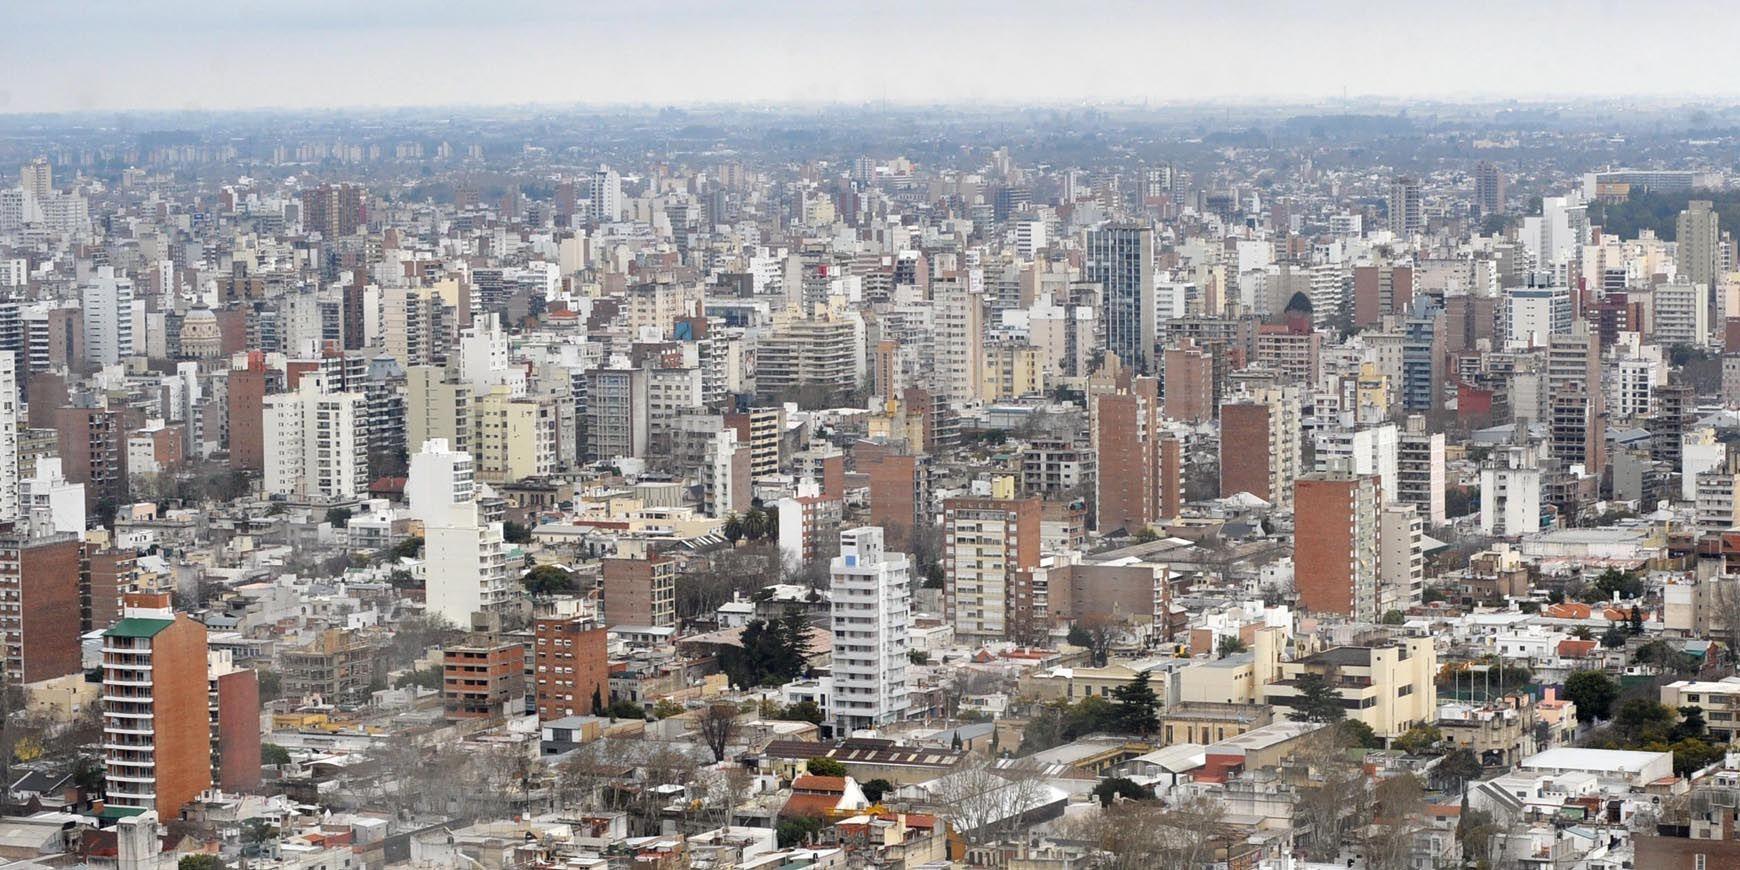 La mitad de la población rosarina vive en unidades de propiedad horizontal